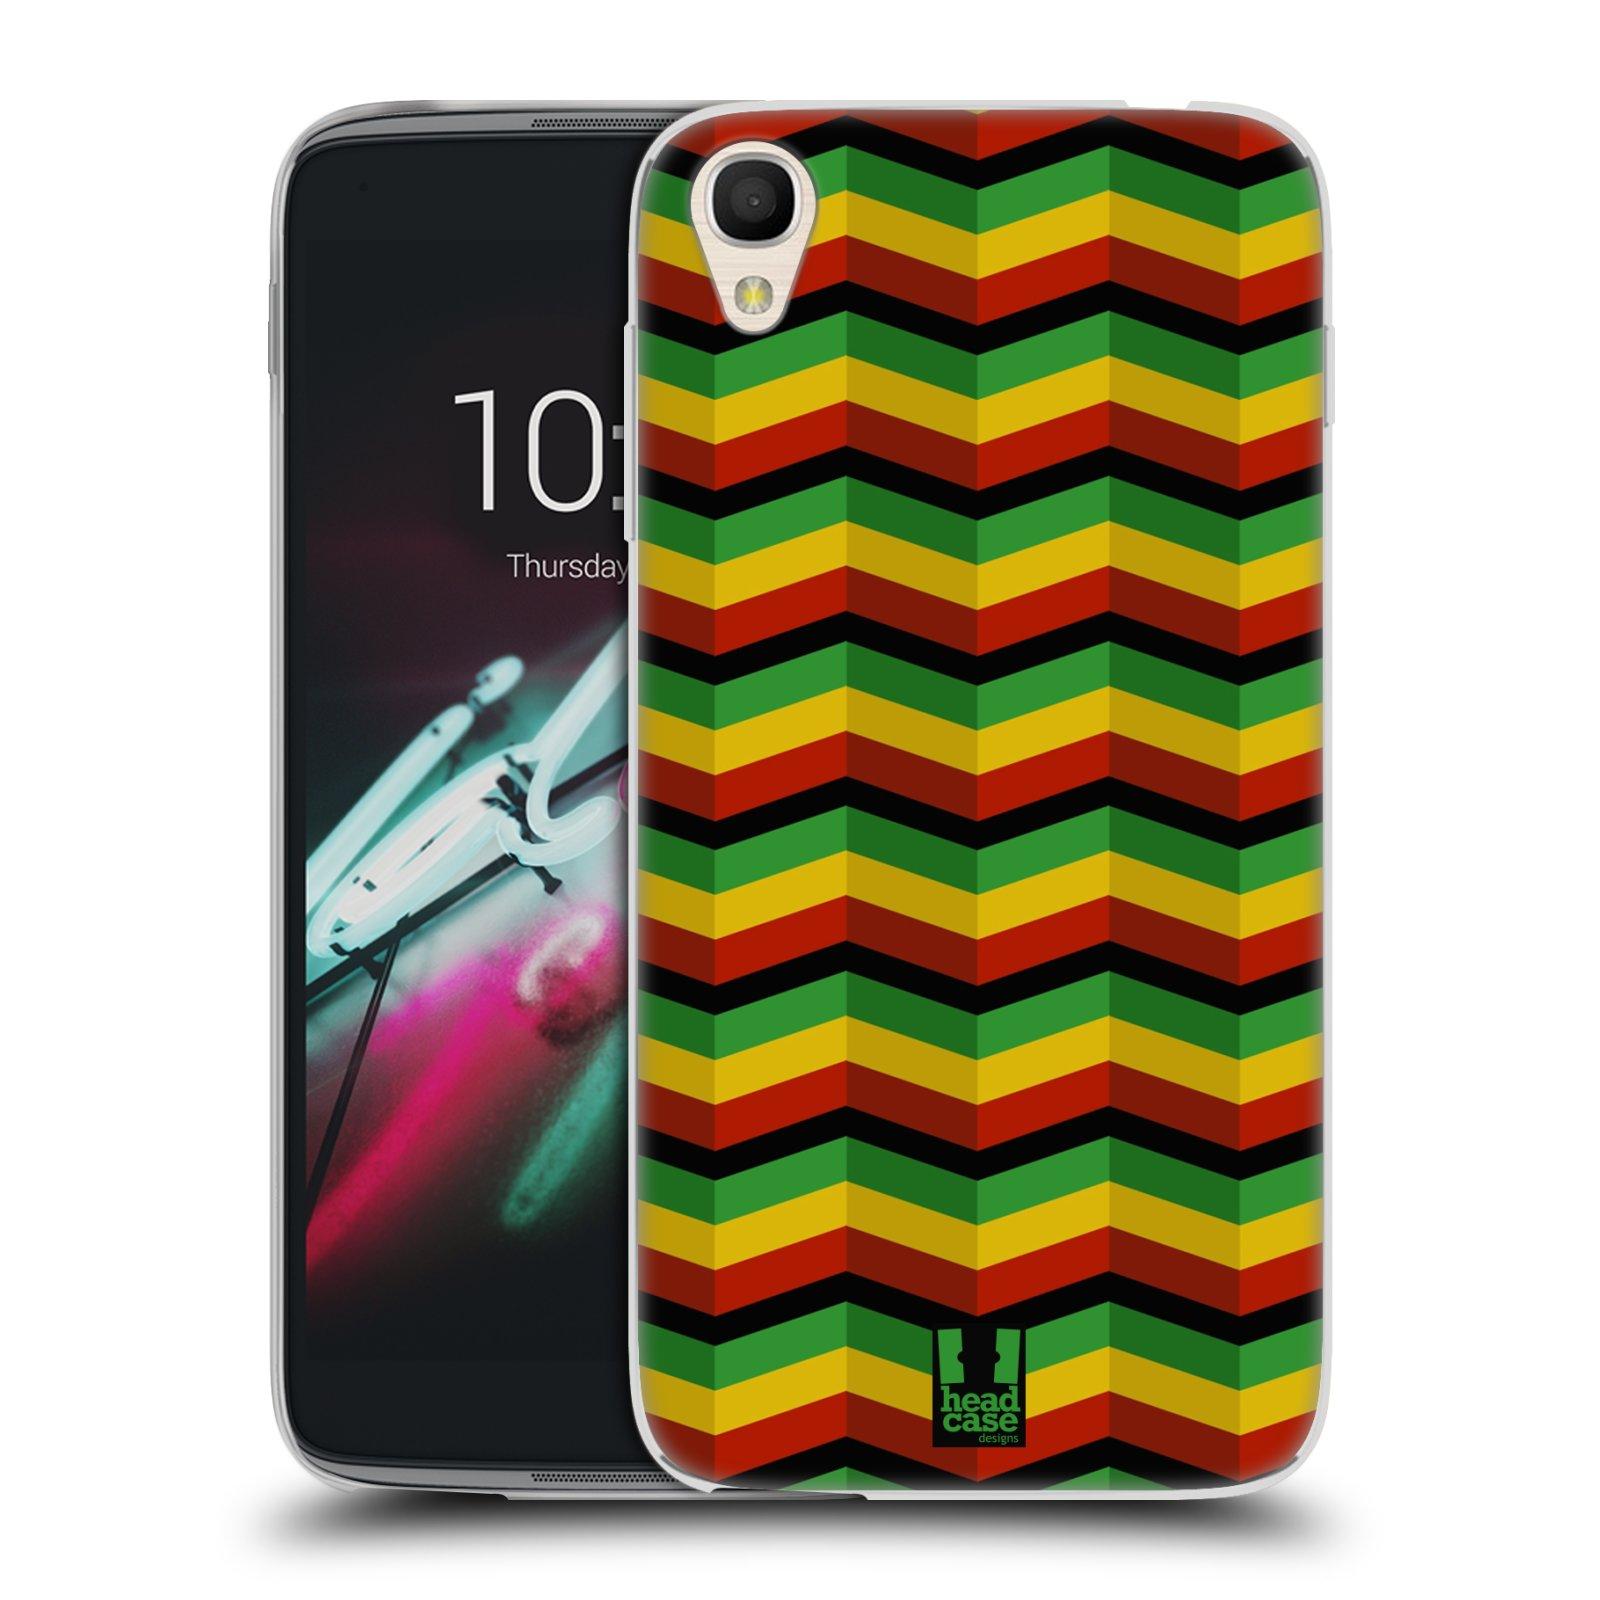 HEAD CASE silikonový obal na mobil Alcatel Idol 3 OT-6039Y (4.7) vzor Rasta barevné vzory CHEVRON